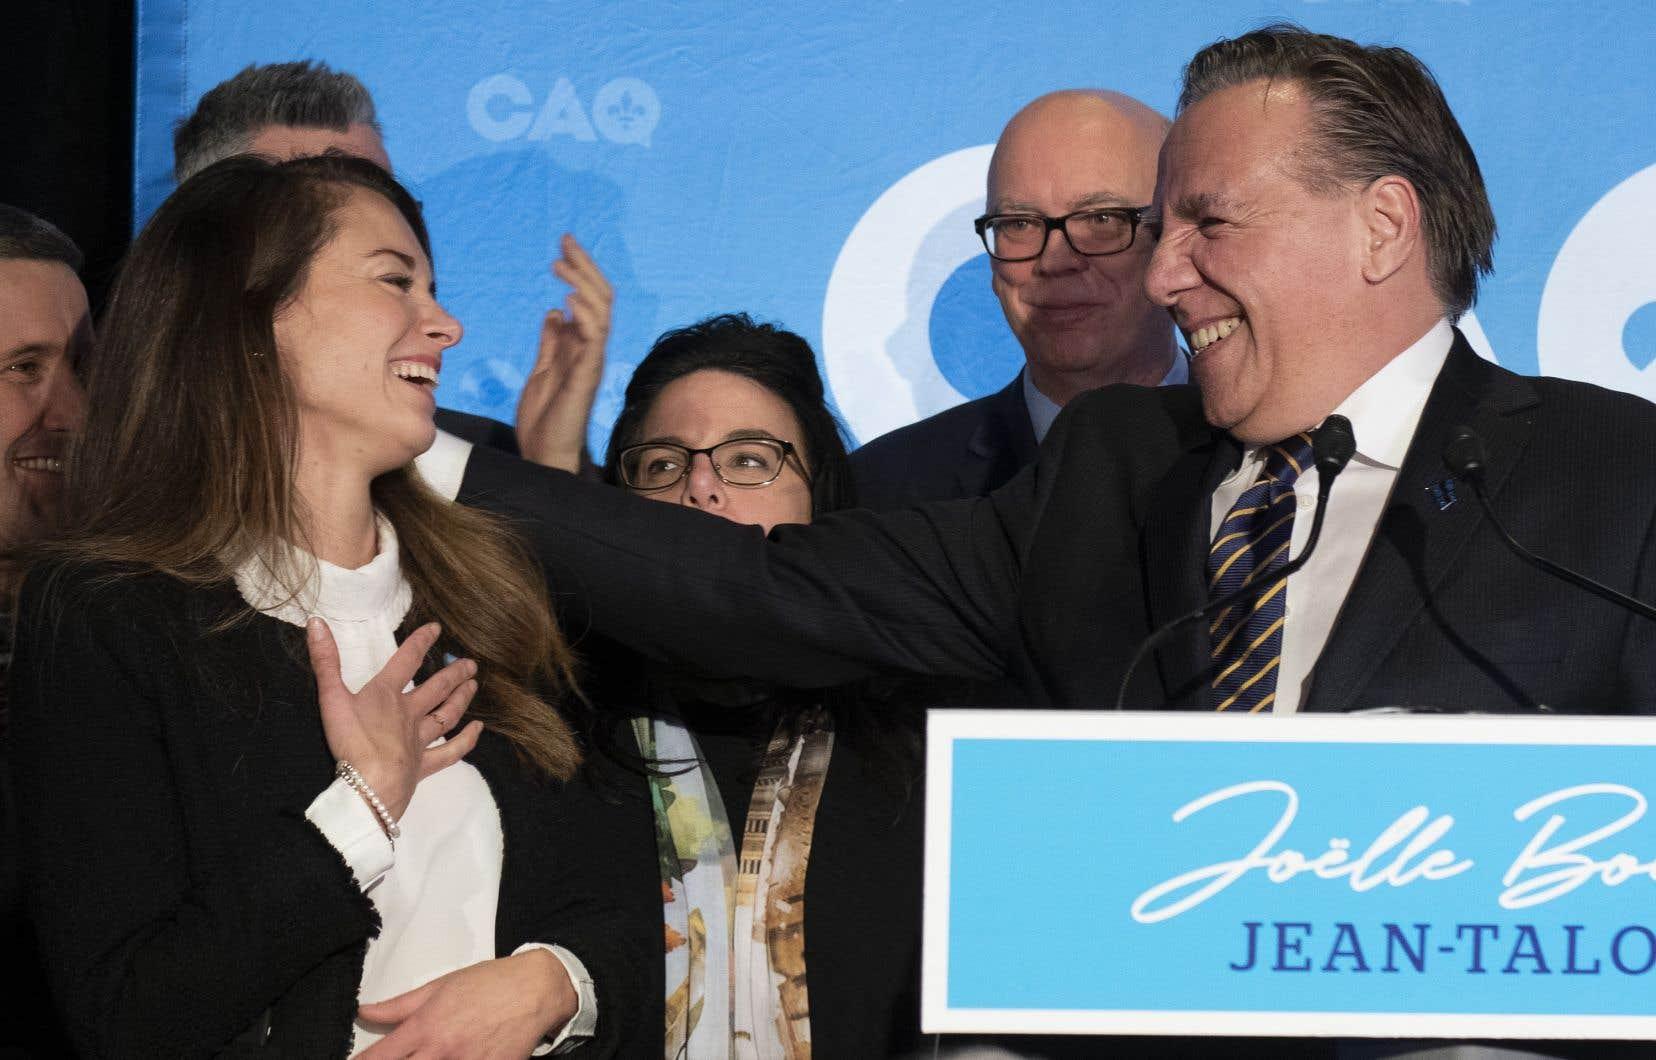 La candidate de la Coalition avenir Québec, Joëlle Boutin, a remporté une victoire sans équivoque, raflant 43,3% du vote.